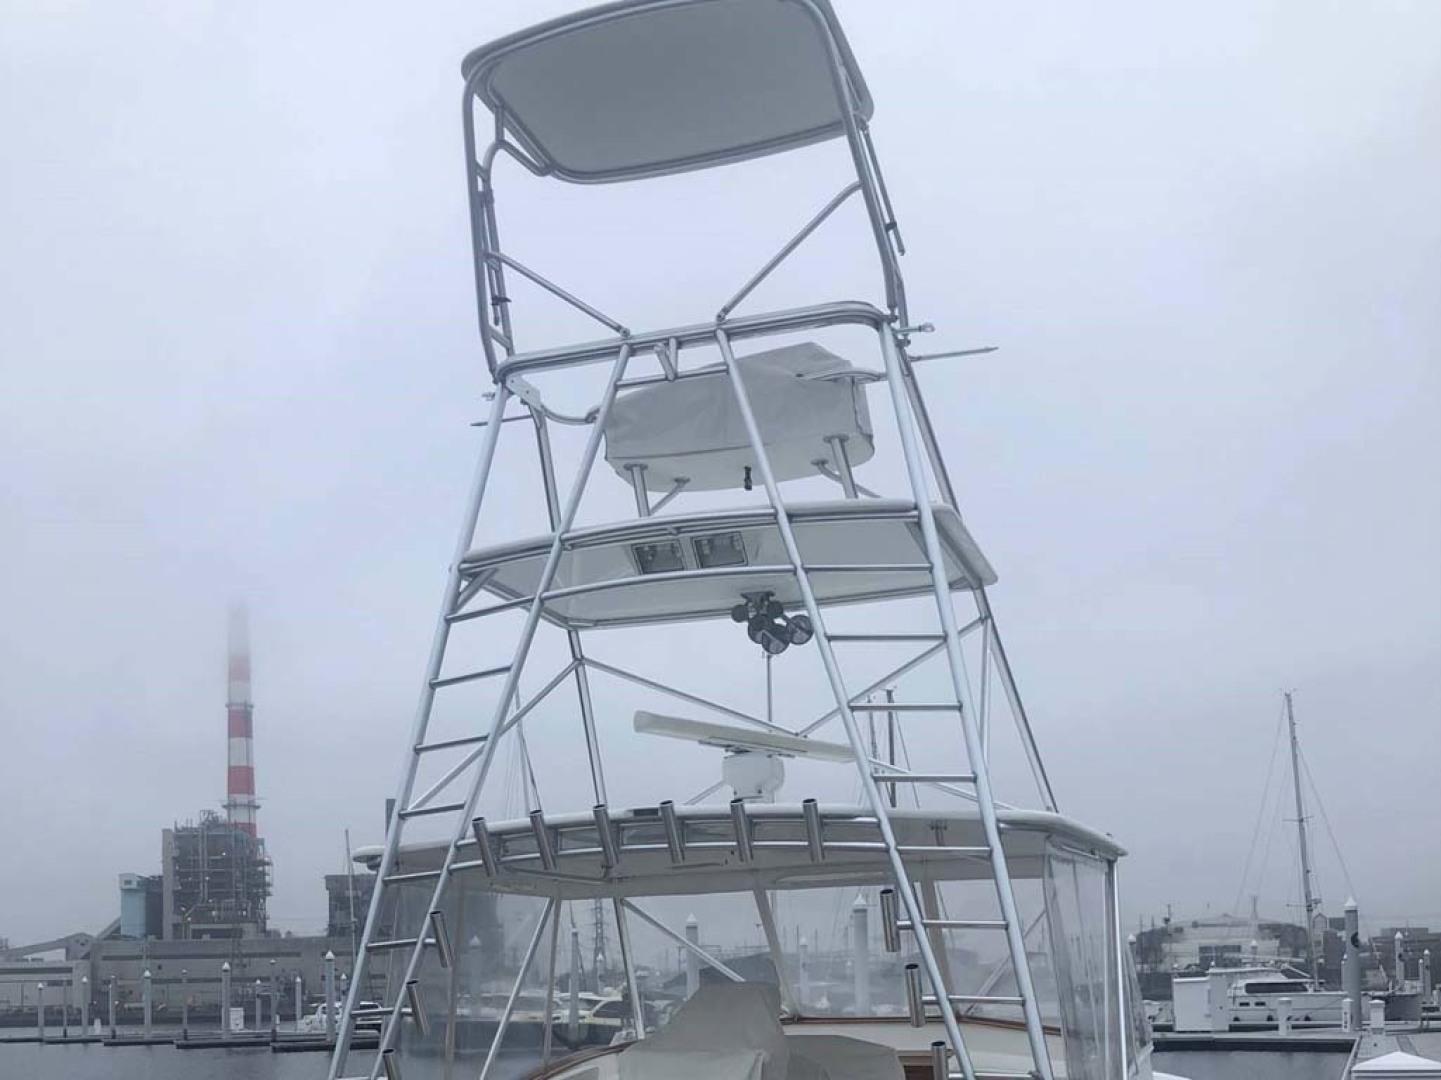 Jersey Cape-36 Devil 2005-Decisive Bridgeport-Connecticut-United States-Tower Detail-1549125 | Thumbnail